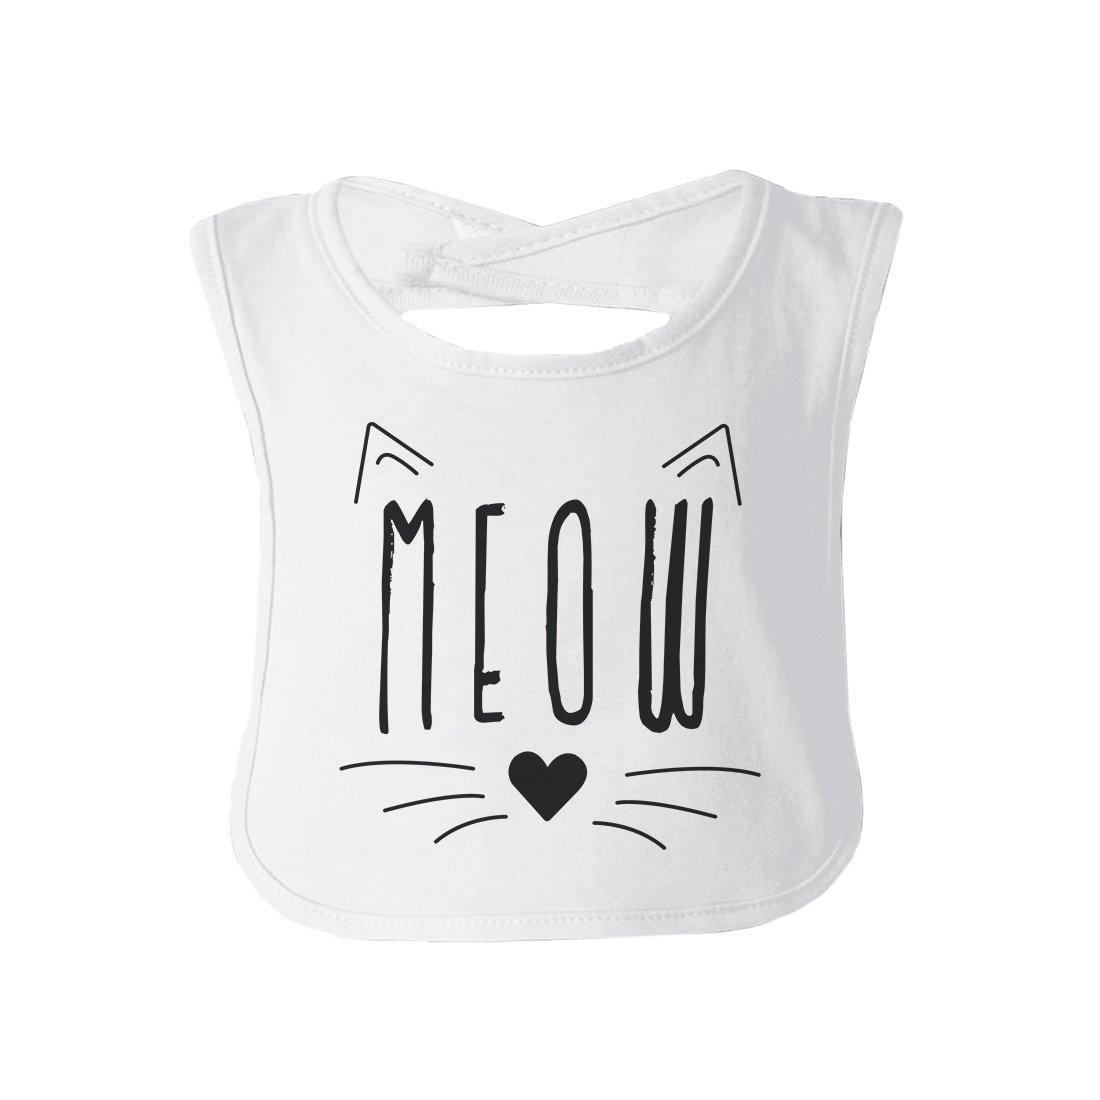 365 Printing Meow Baby Babero de Regalo Blanco Talla:Talla ...